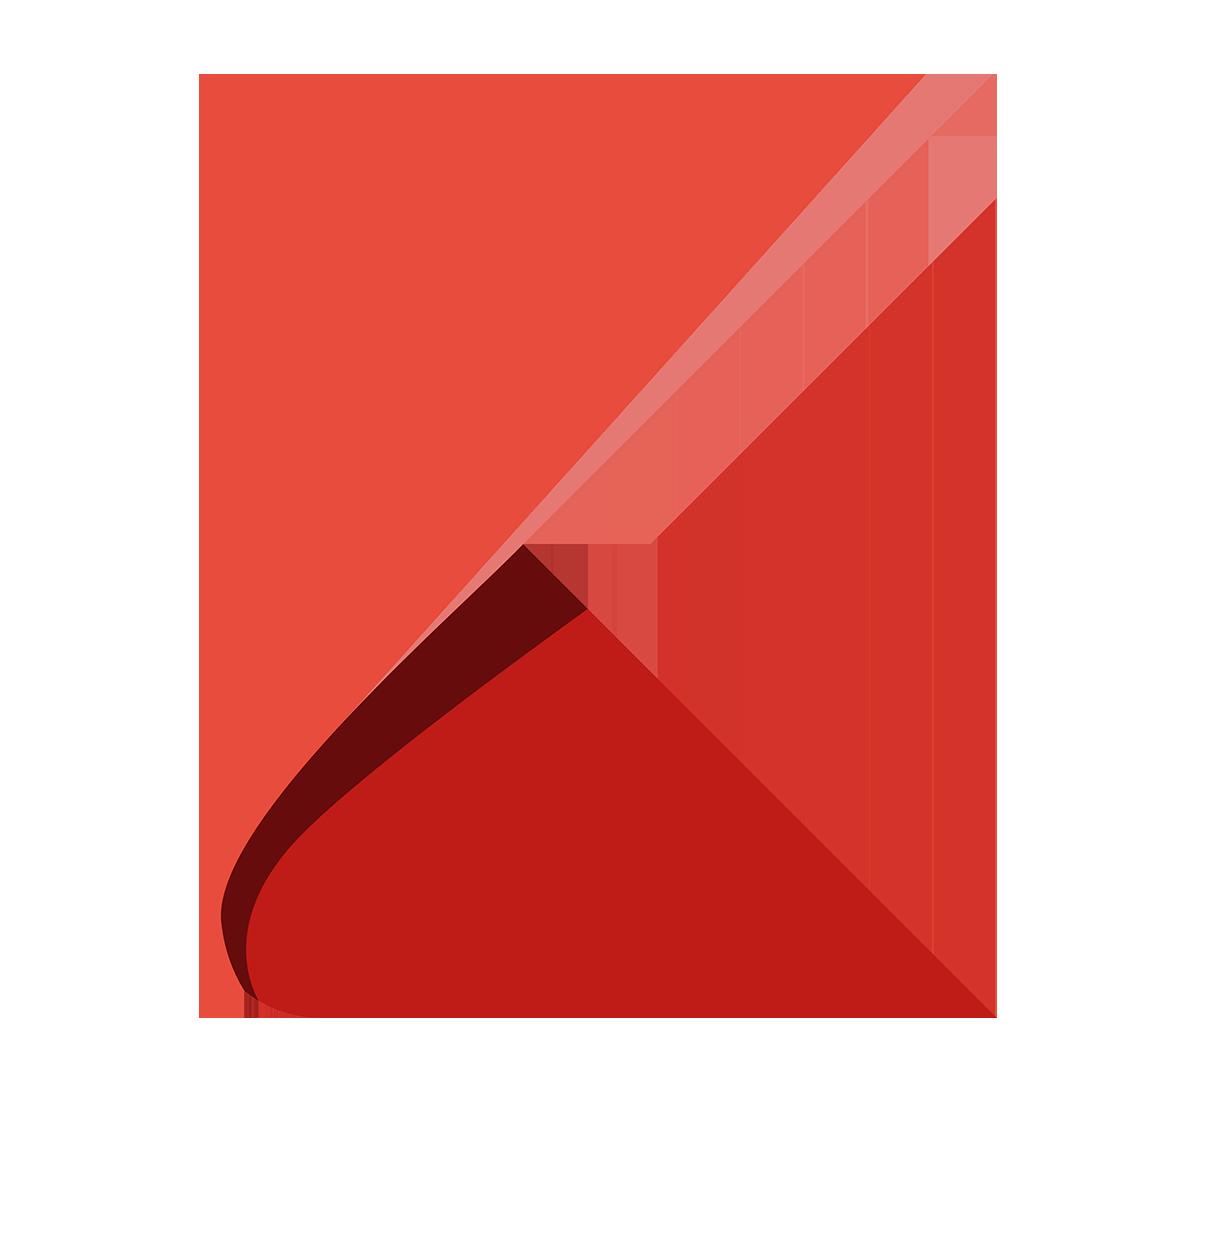 klypt.com